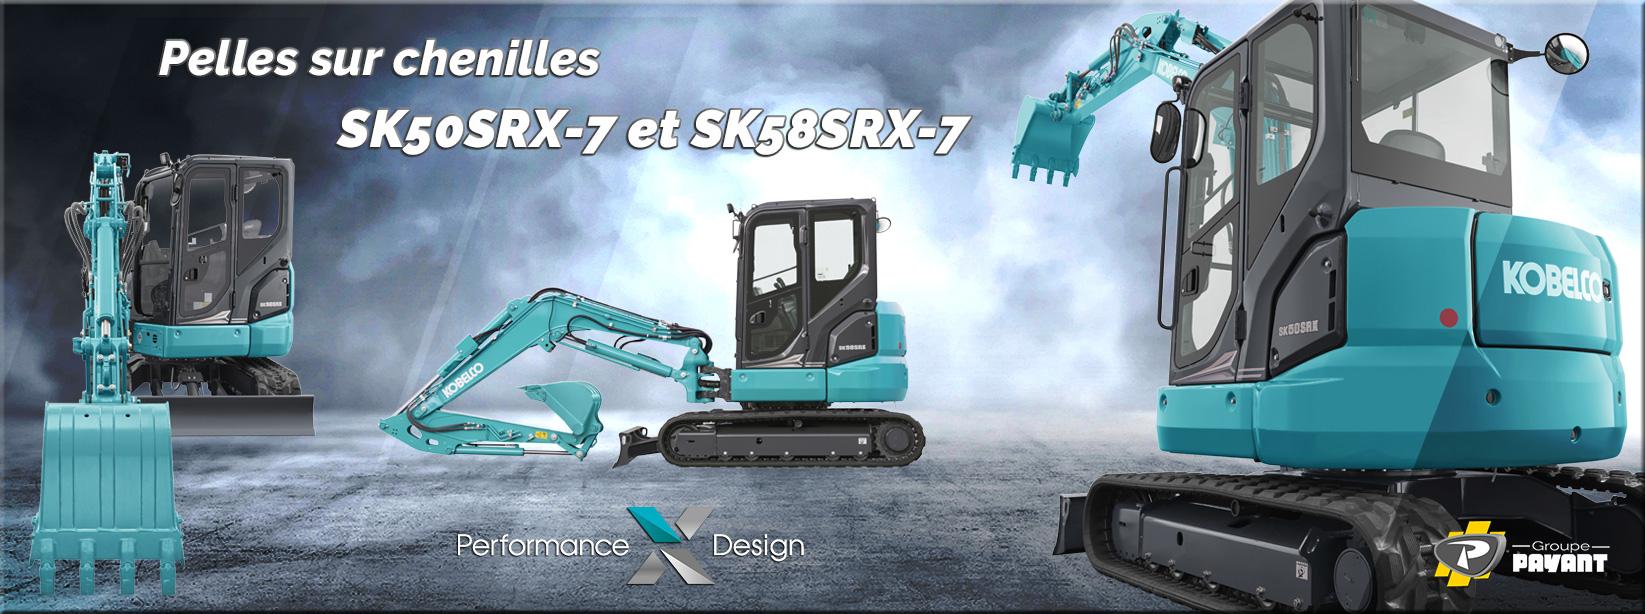 Mini pelles sur chenilles SK50SRX-7 et SK58SRX-7 Kobelco - Groupe PAYANT